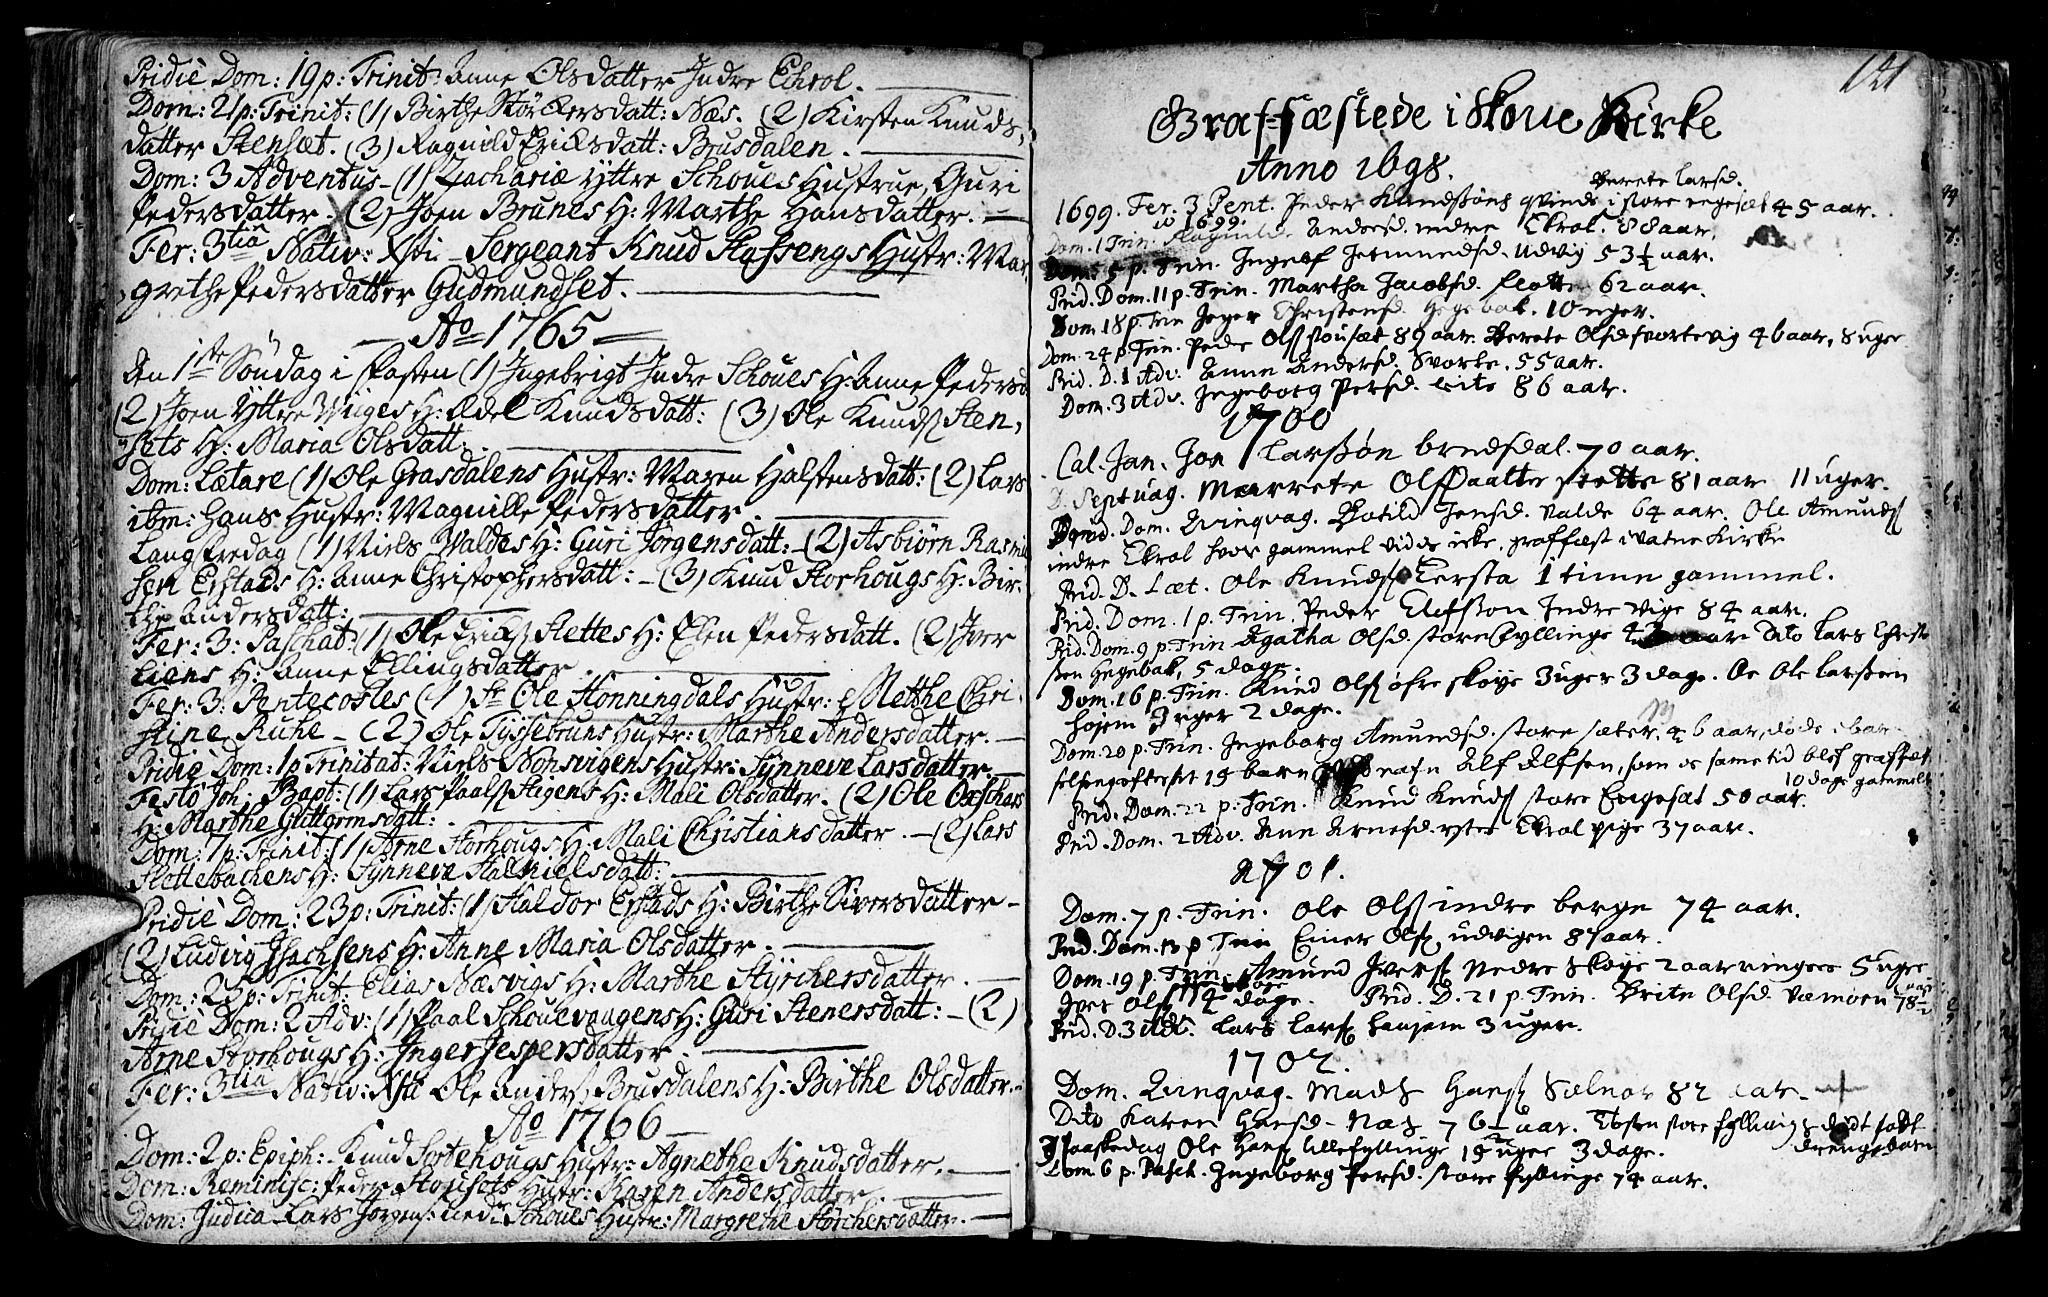 SAT, Ministerialprotokoller, klokkerbøker og fødselsregistre - Møre og Romsdal, 524/L0349: Ministerialbok nr. 524A01, 1698-1779, s. 141